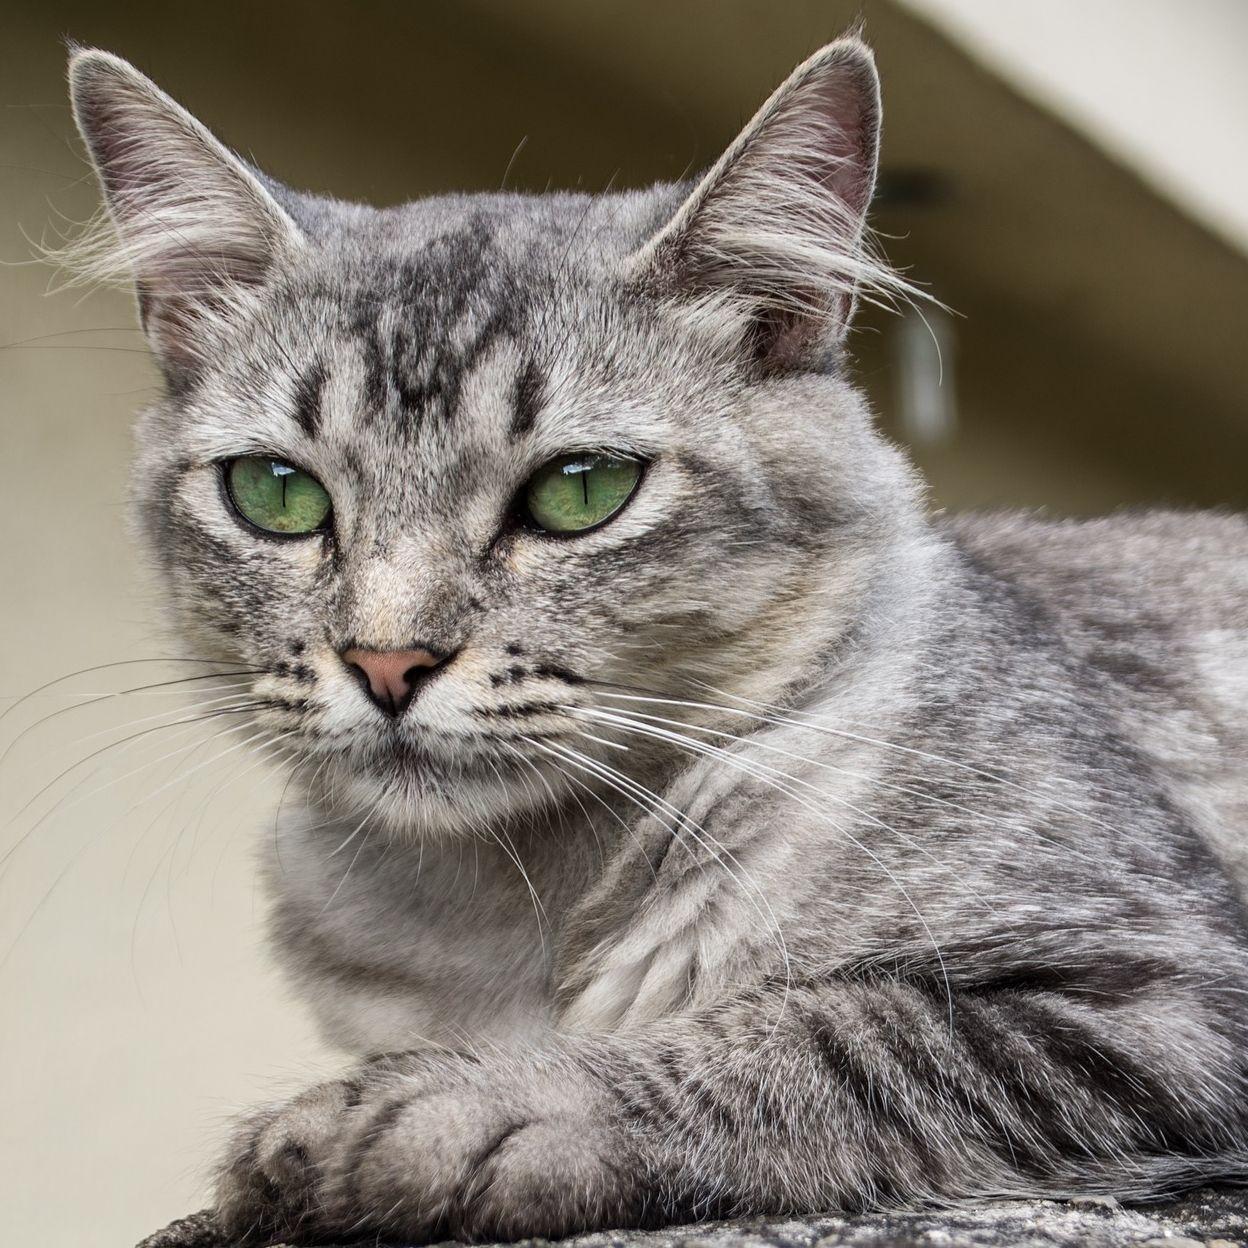 Beautiful Gray Tabby Cat Cutecat Beautifulcat Catears Aww Grey Tabby Cats Pretty Cats Beautiful Cat